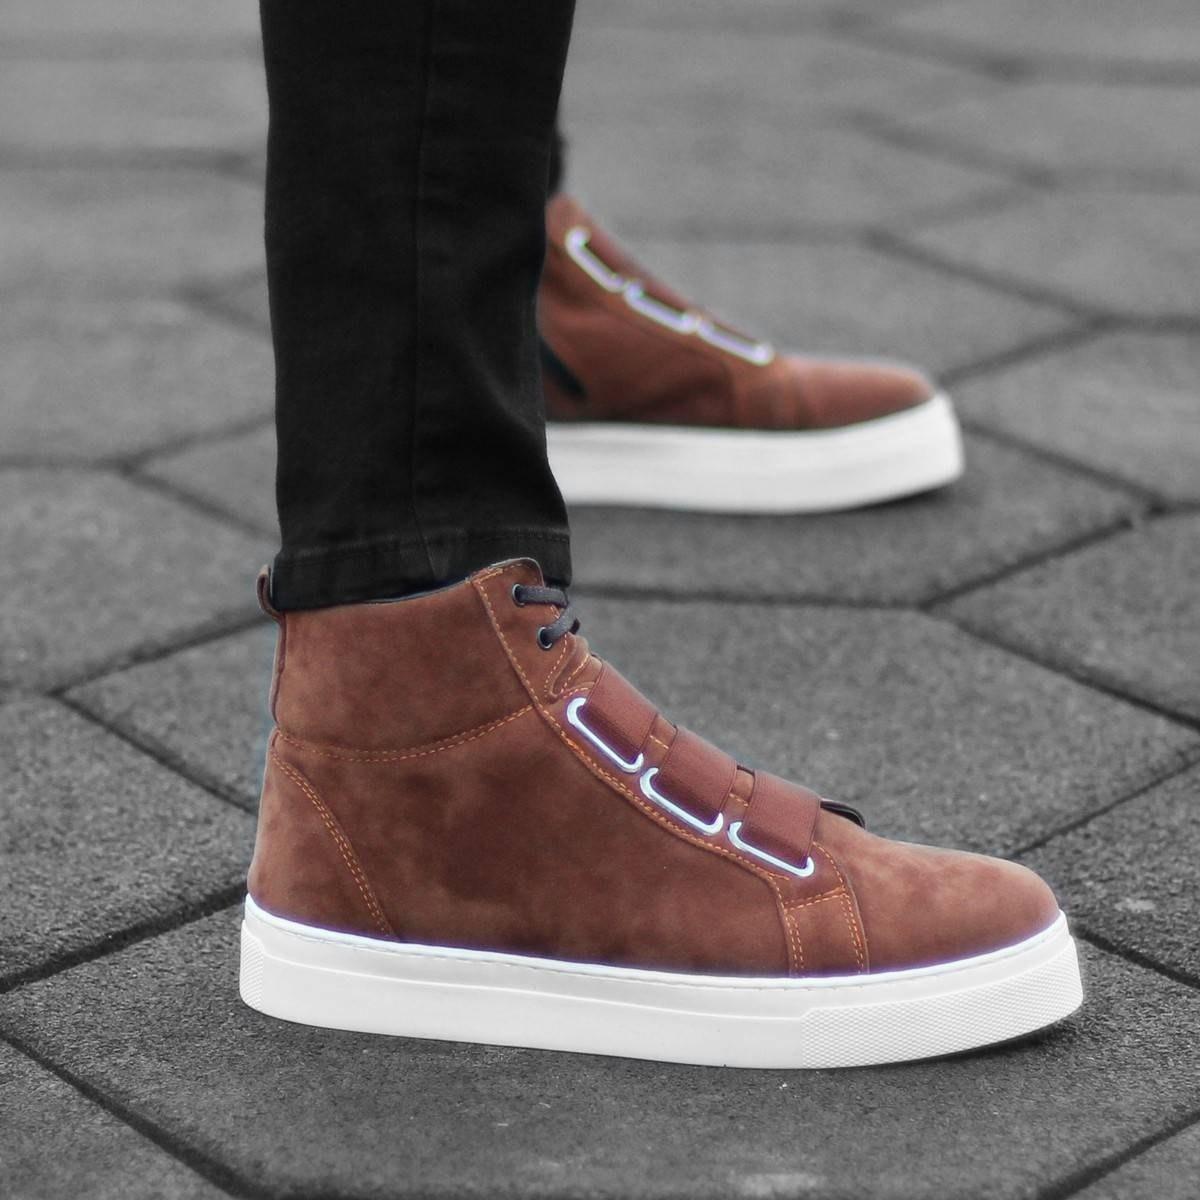 Urban Sneaker Boots in Tan...